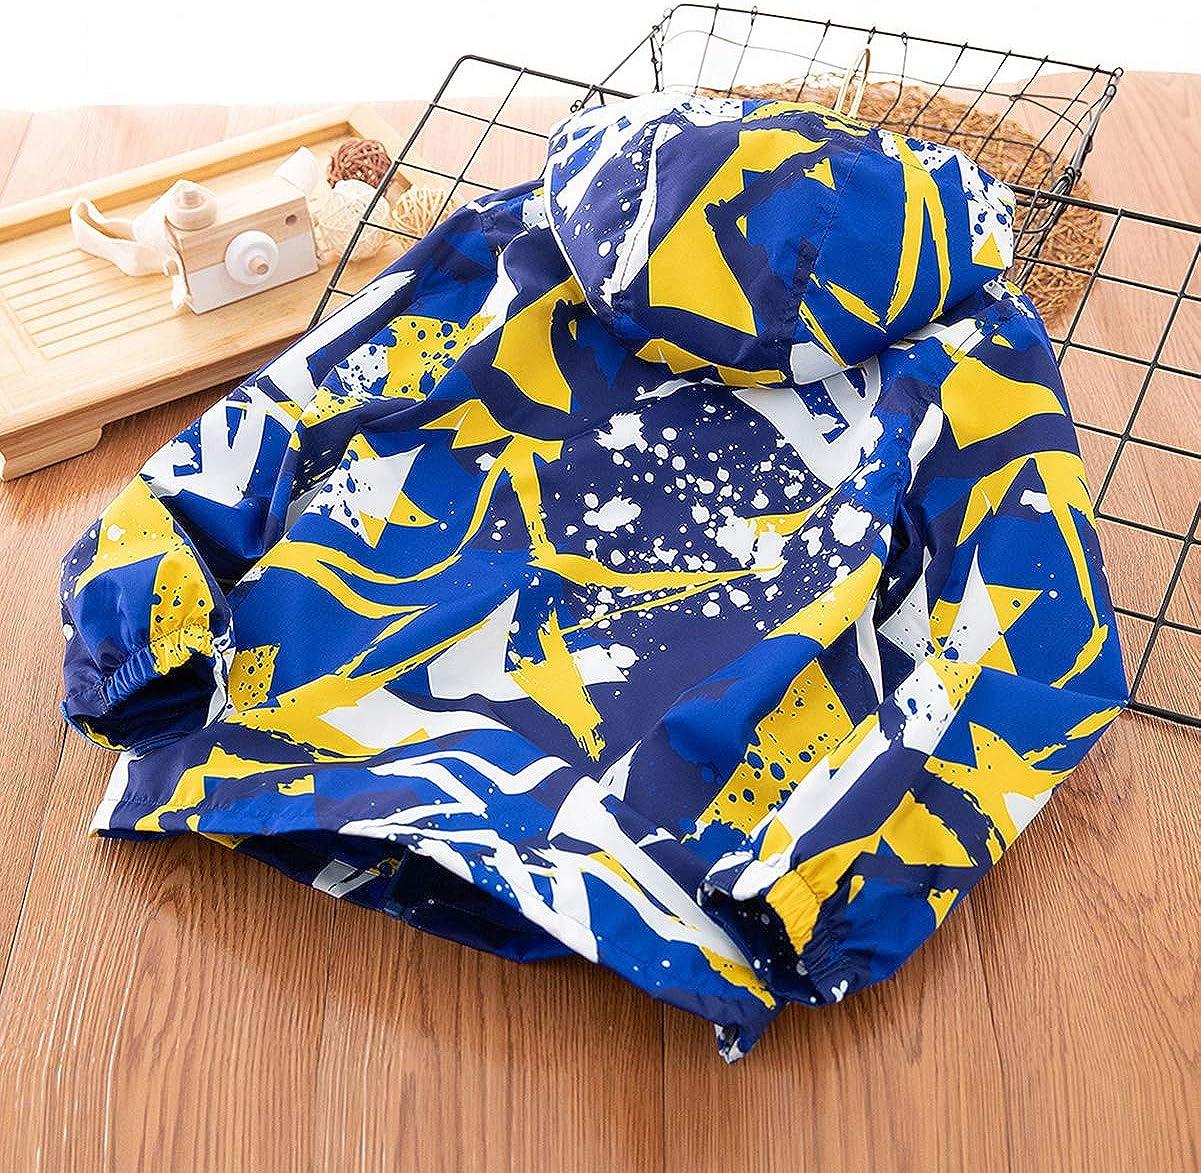 L SERVER Veste /à Capuche Plus Velours Enfant Unisex Softshell Blouson Softshell Multicolor/é Imprim/é,Coupe-Vent Enfant Graffiti Outwear Coat Couche Double Printemps